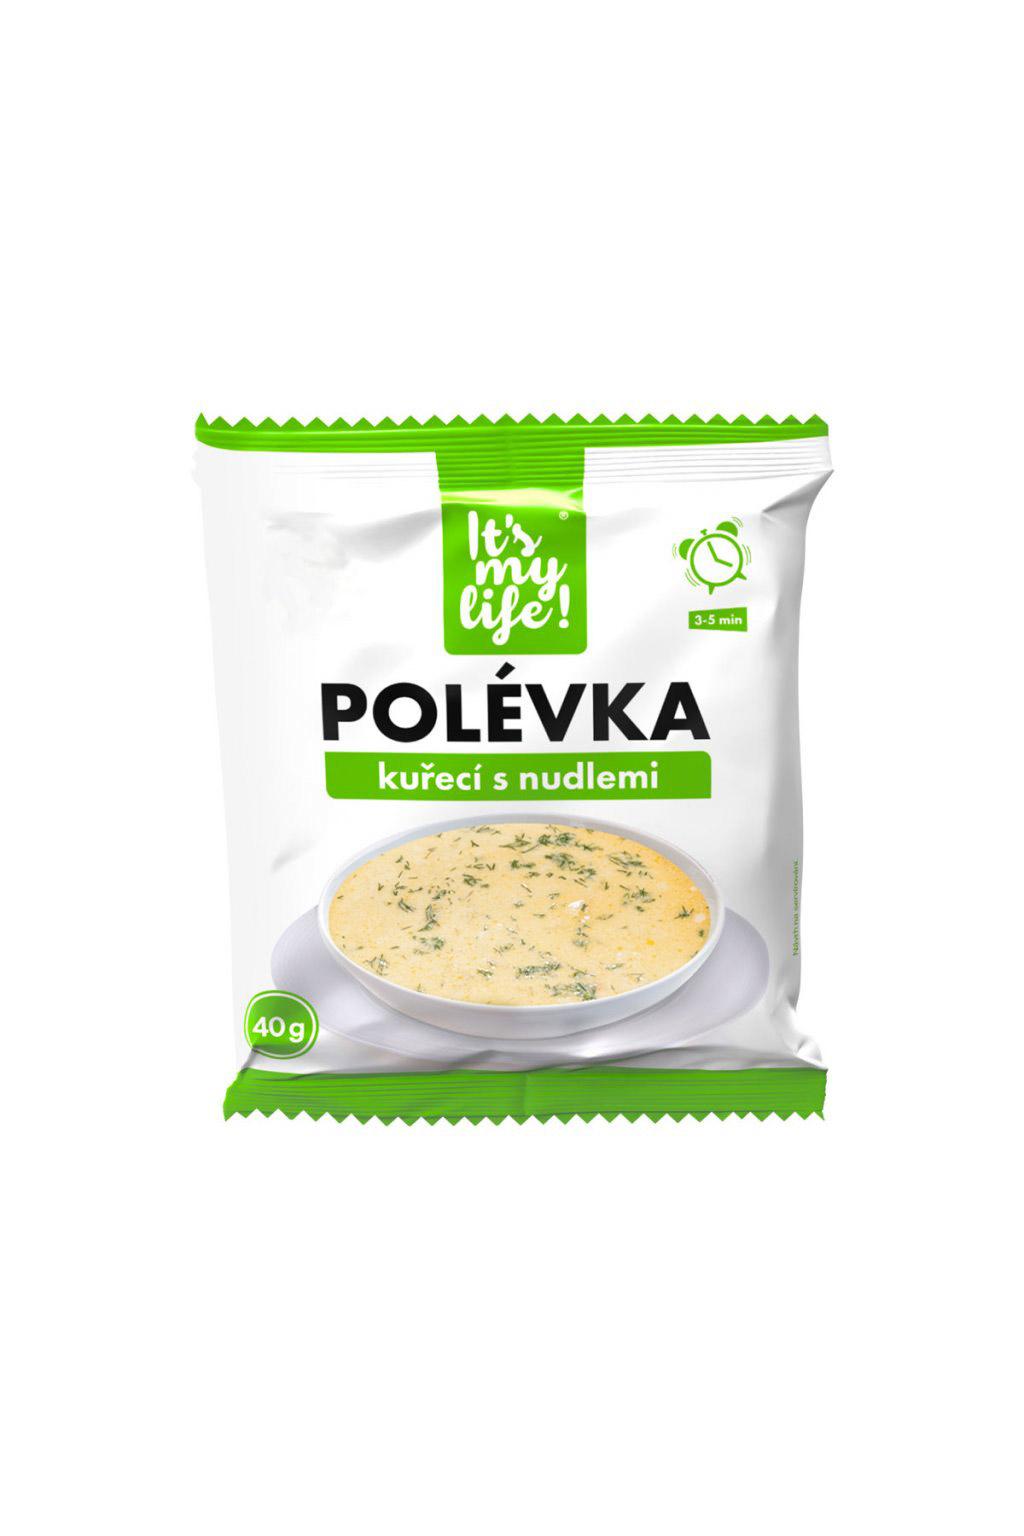 It's my life! Proteinová polévka kuřecí s nudlemi 40g (1 porce)